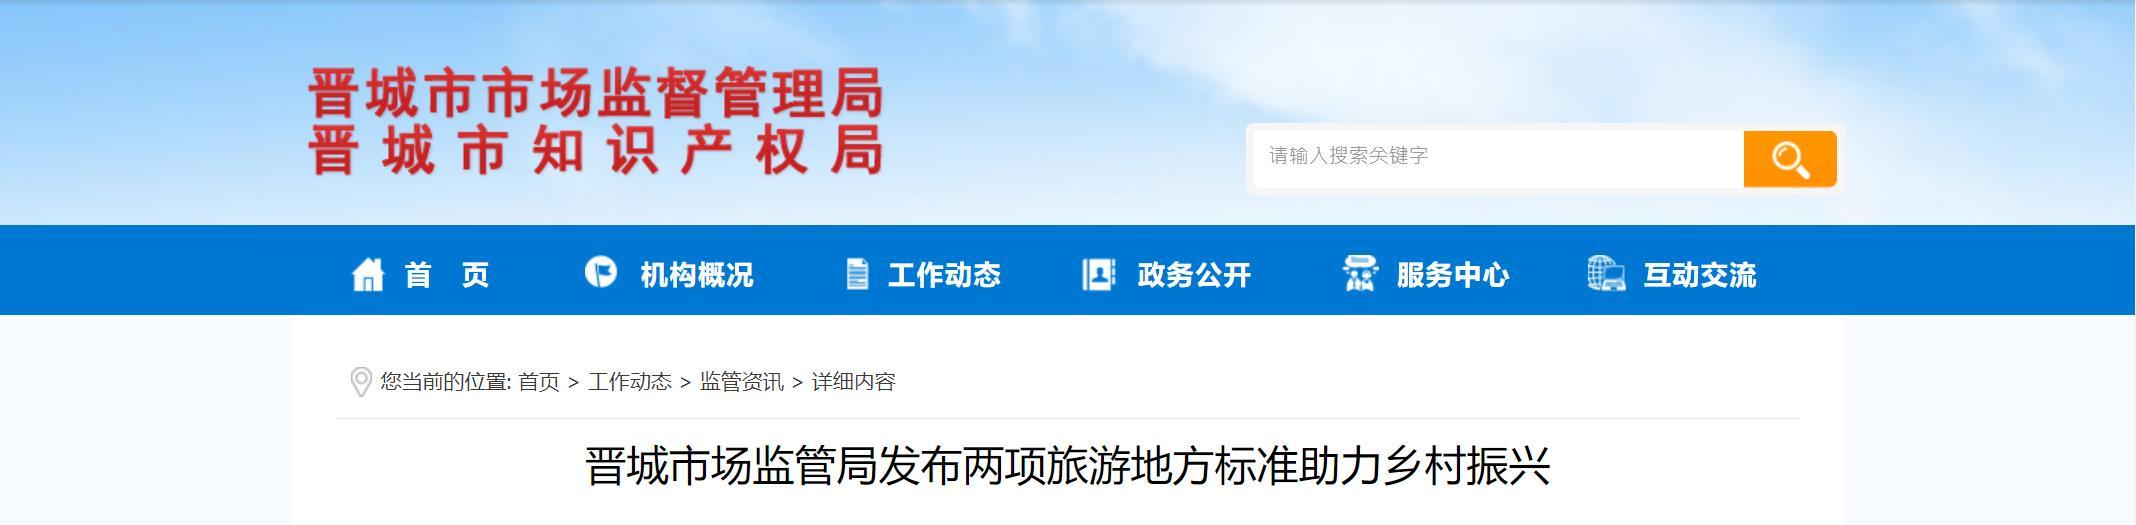 晋城市场监管局发布两项旅游地方标准助力乡村振兴